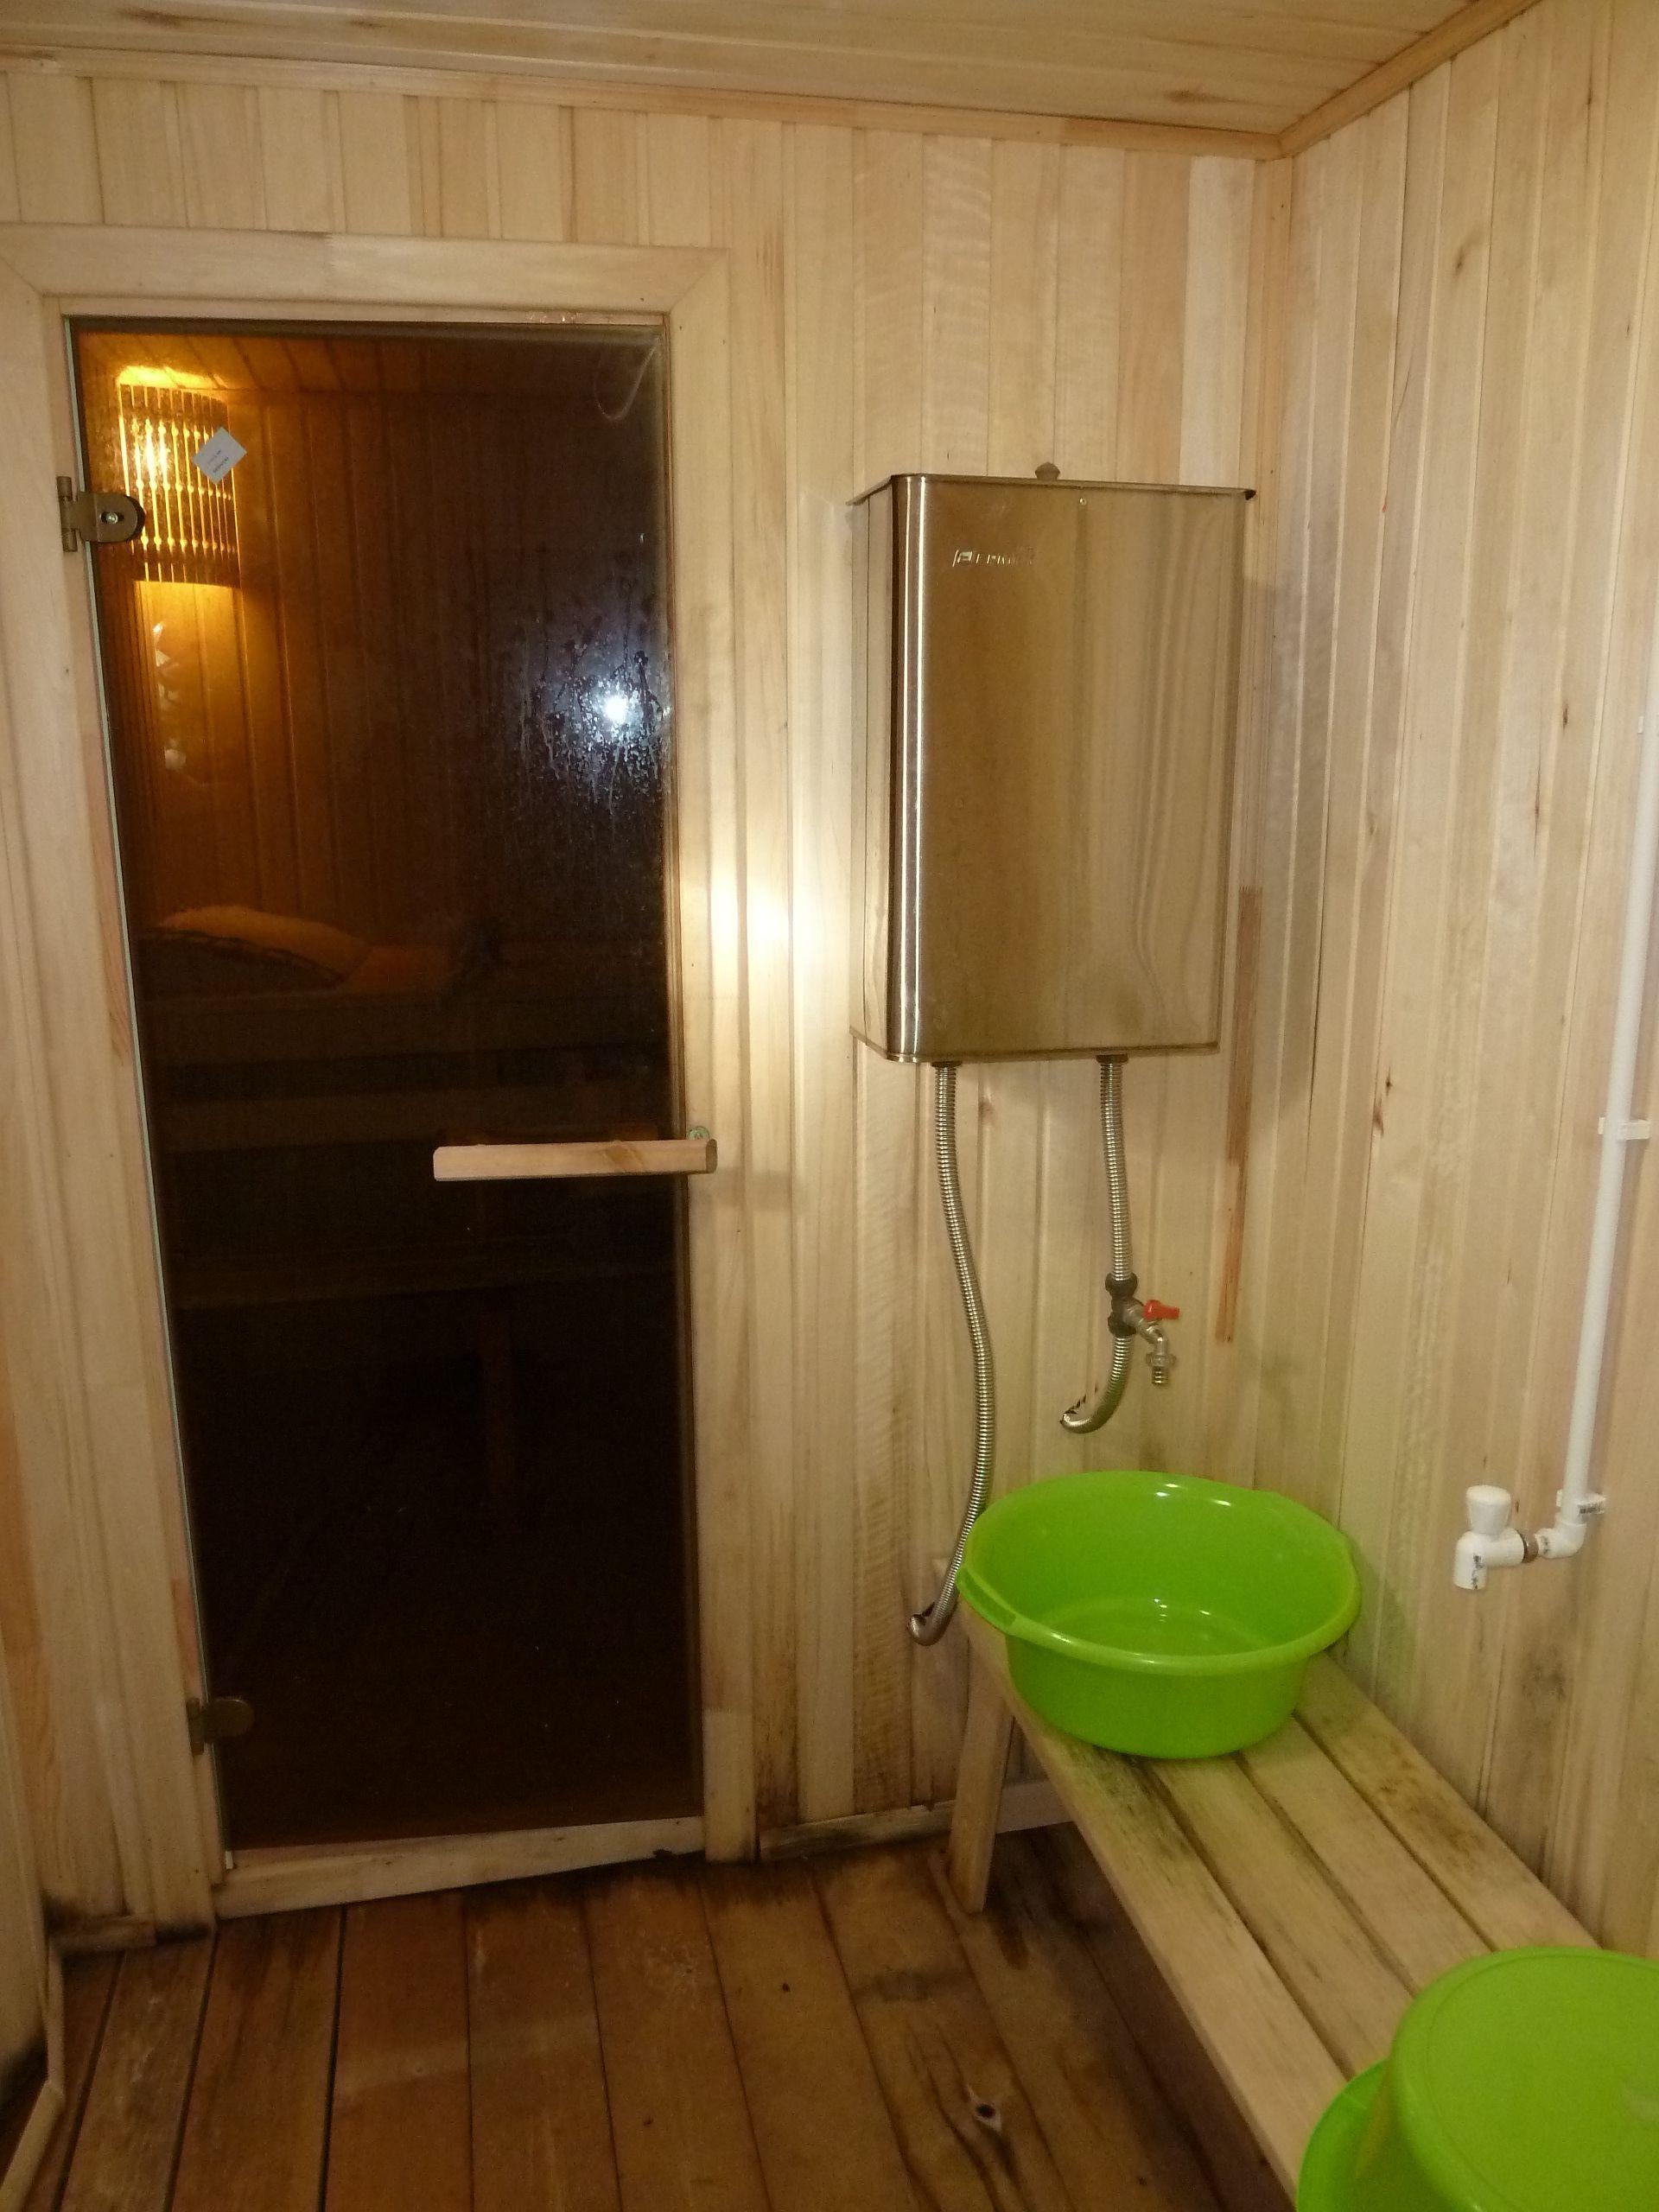 Дом в аренду по адресу Россия, Томская область, Кафтанчиково, Кленовая ул.